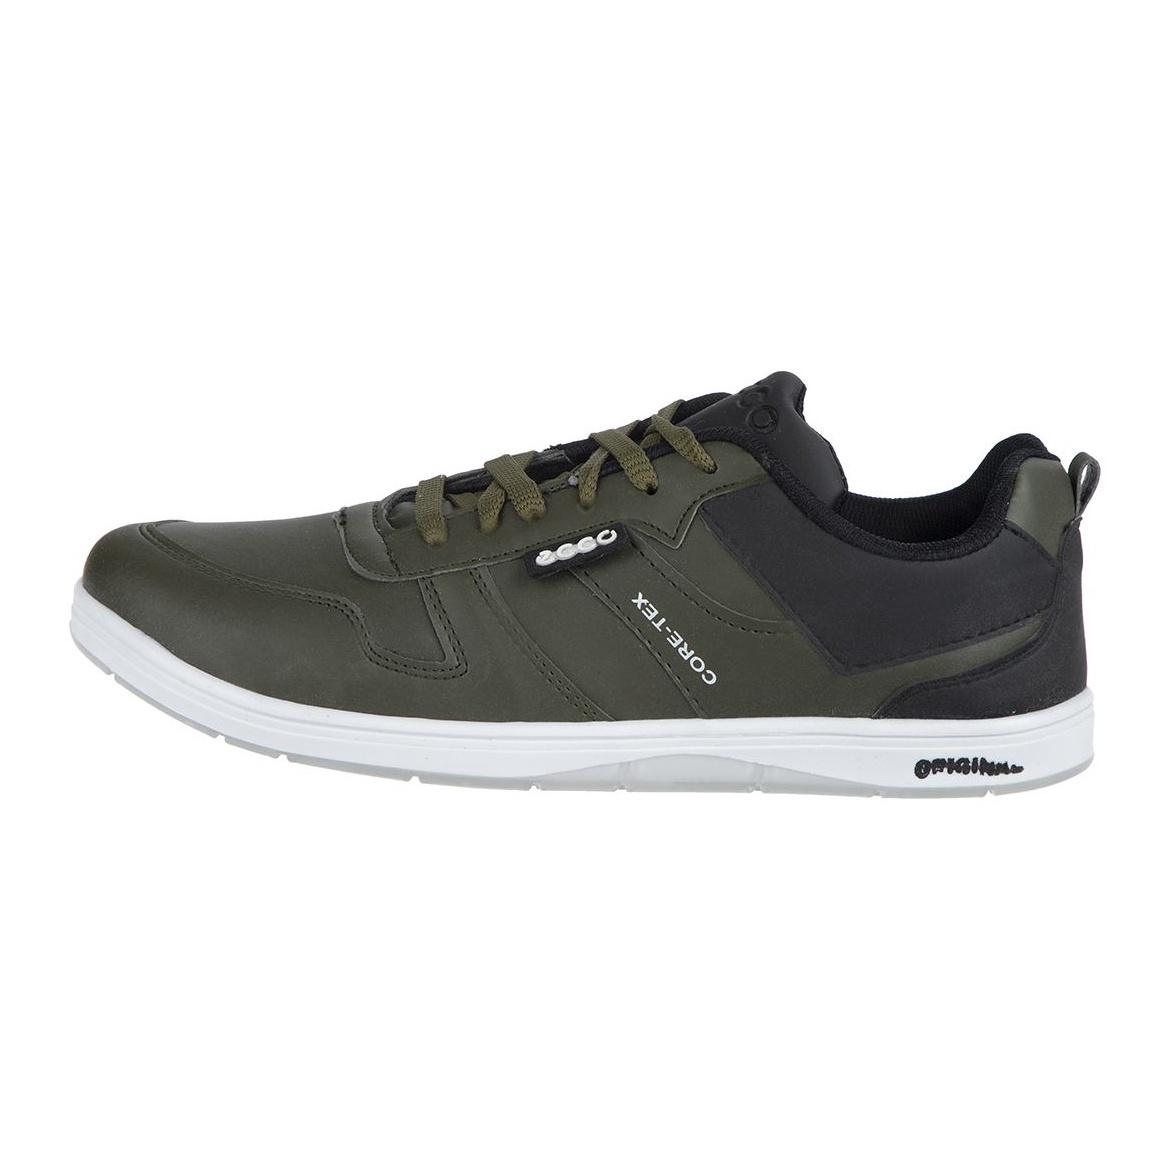 کفش ورزشی مردانه مدل K.Bs.078  غیر اصلK.Bs.078 Sport Shoes For Men